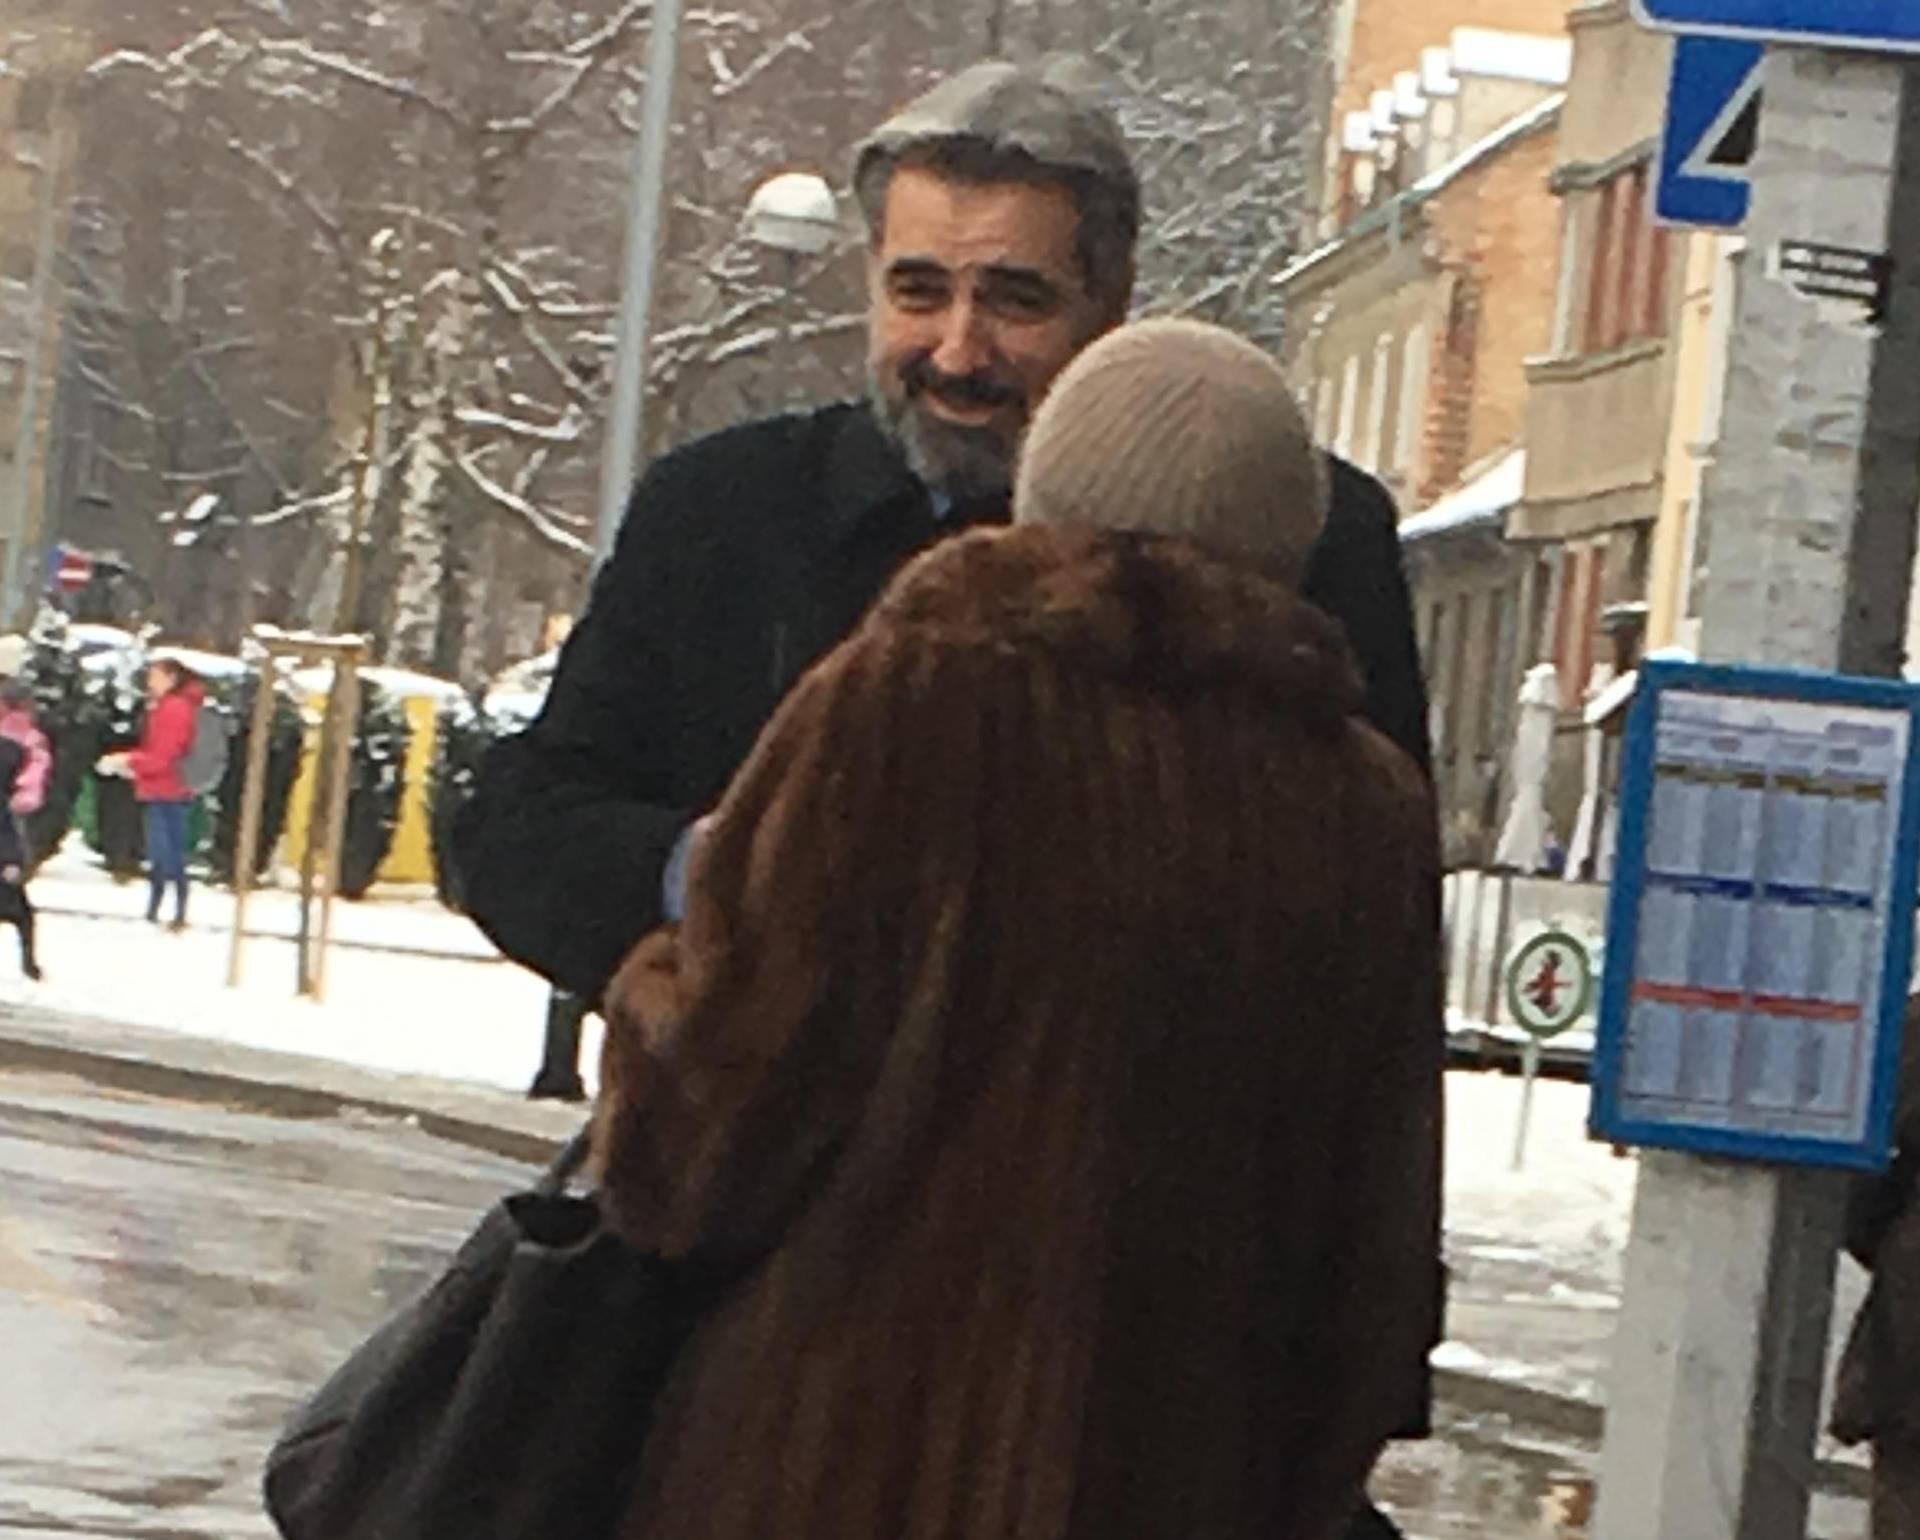 Sijede kose, zarastao u bradu: Nadan je strpljivo čekao bus...